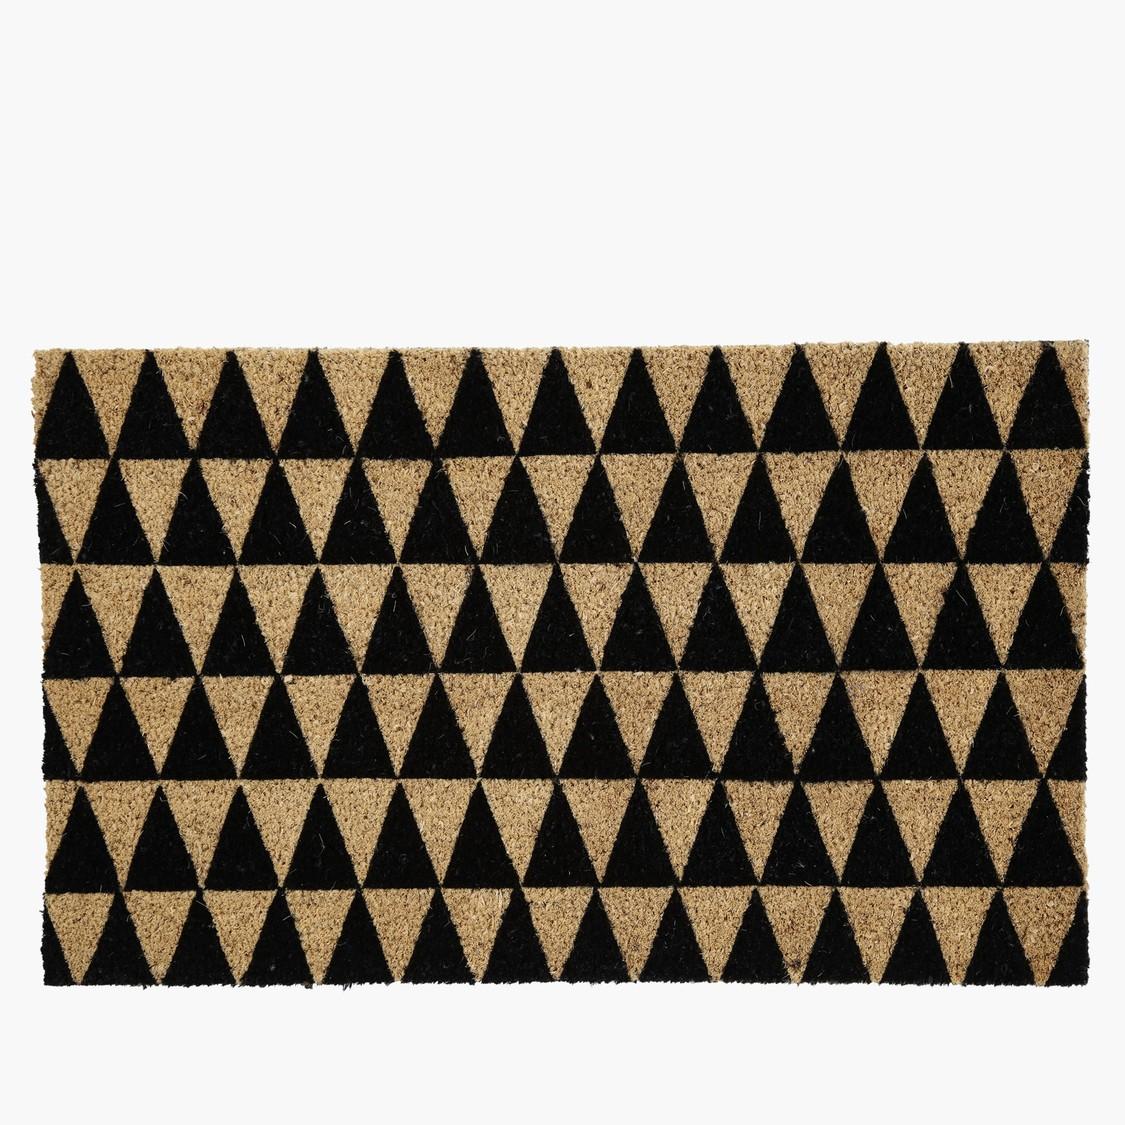 Textured Rug – 45x75 cms